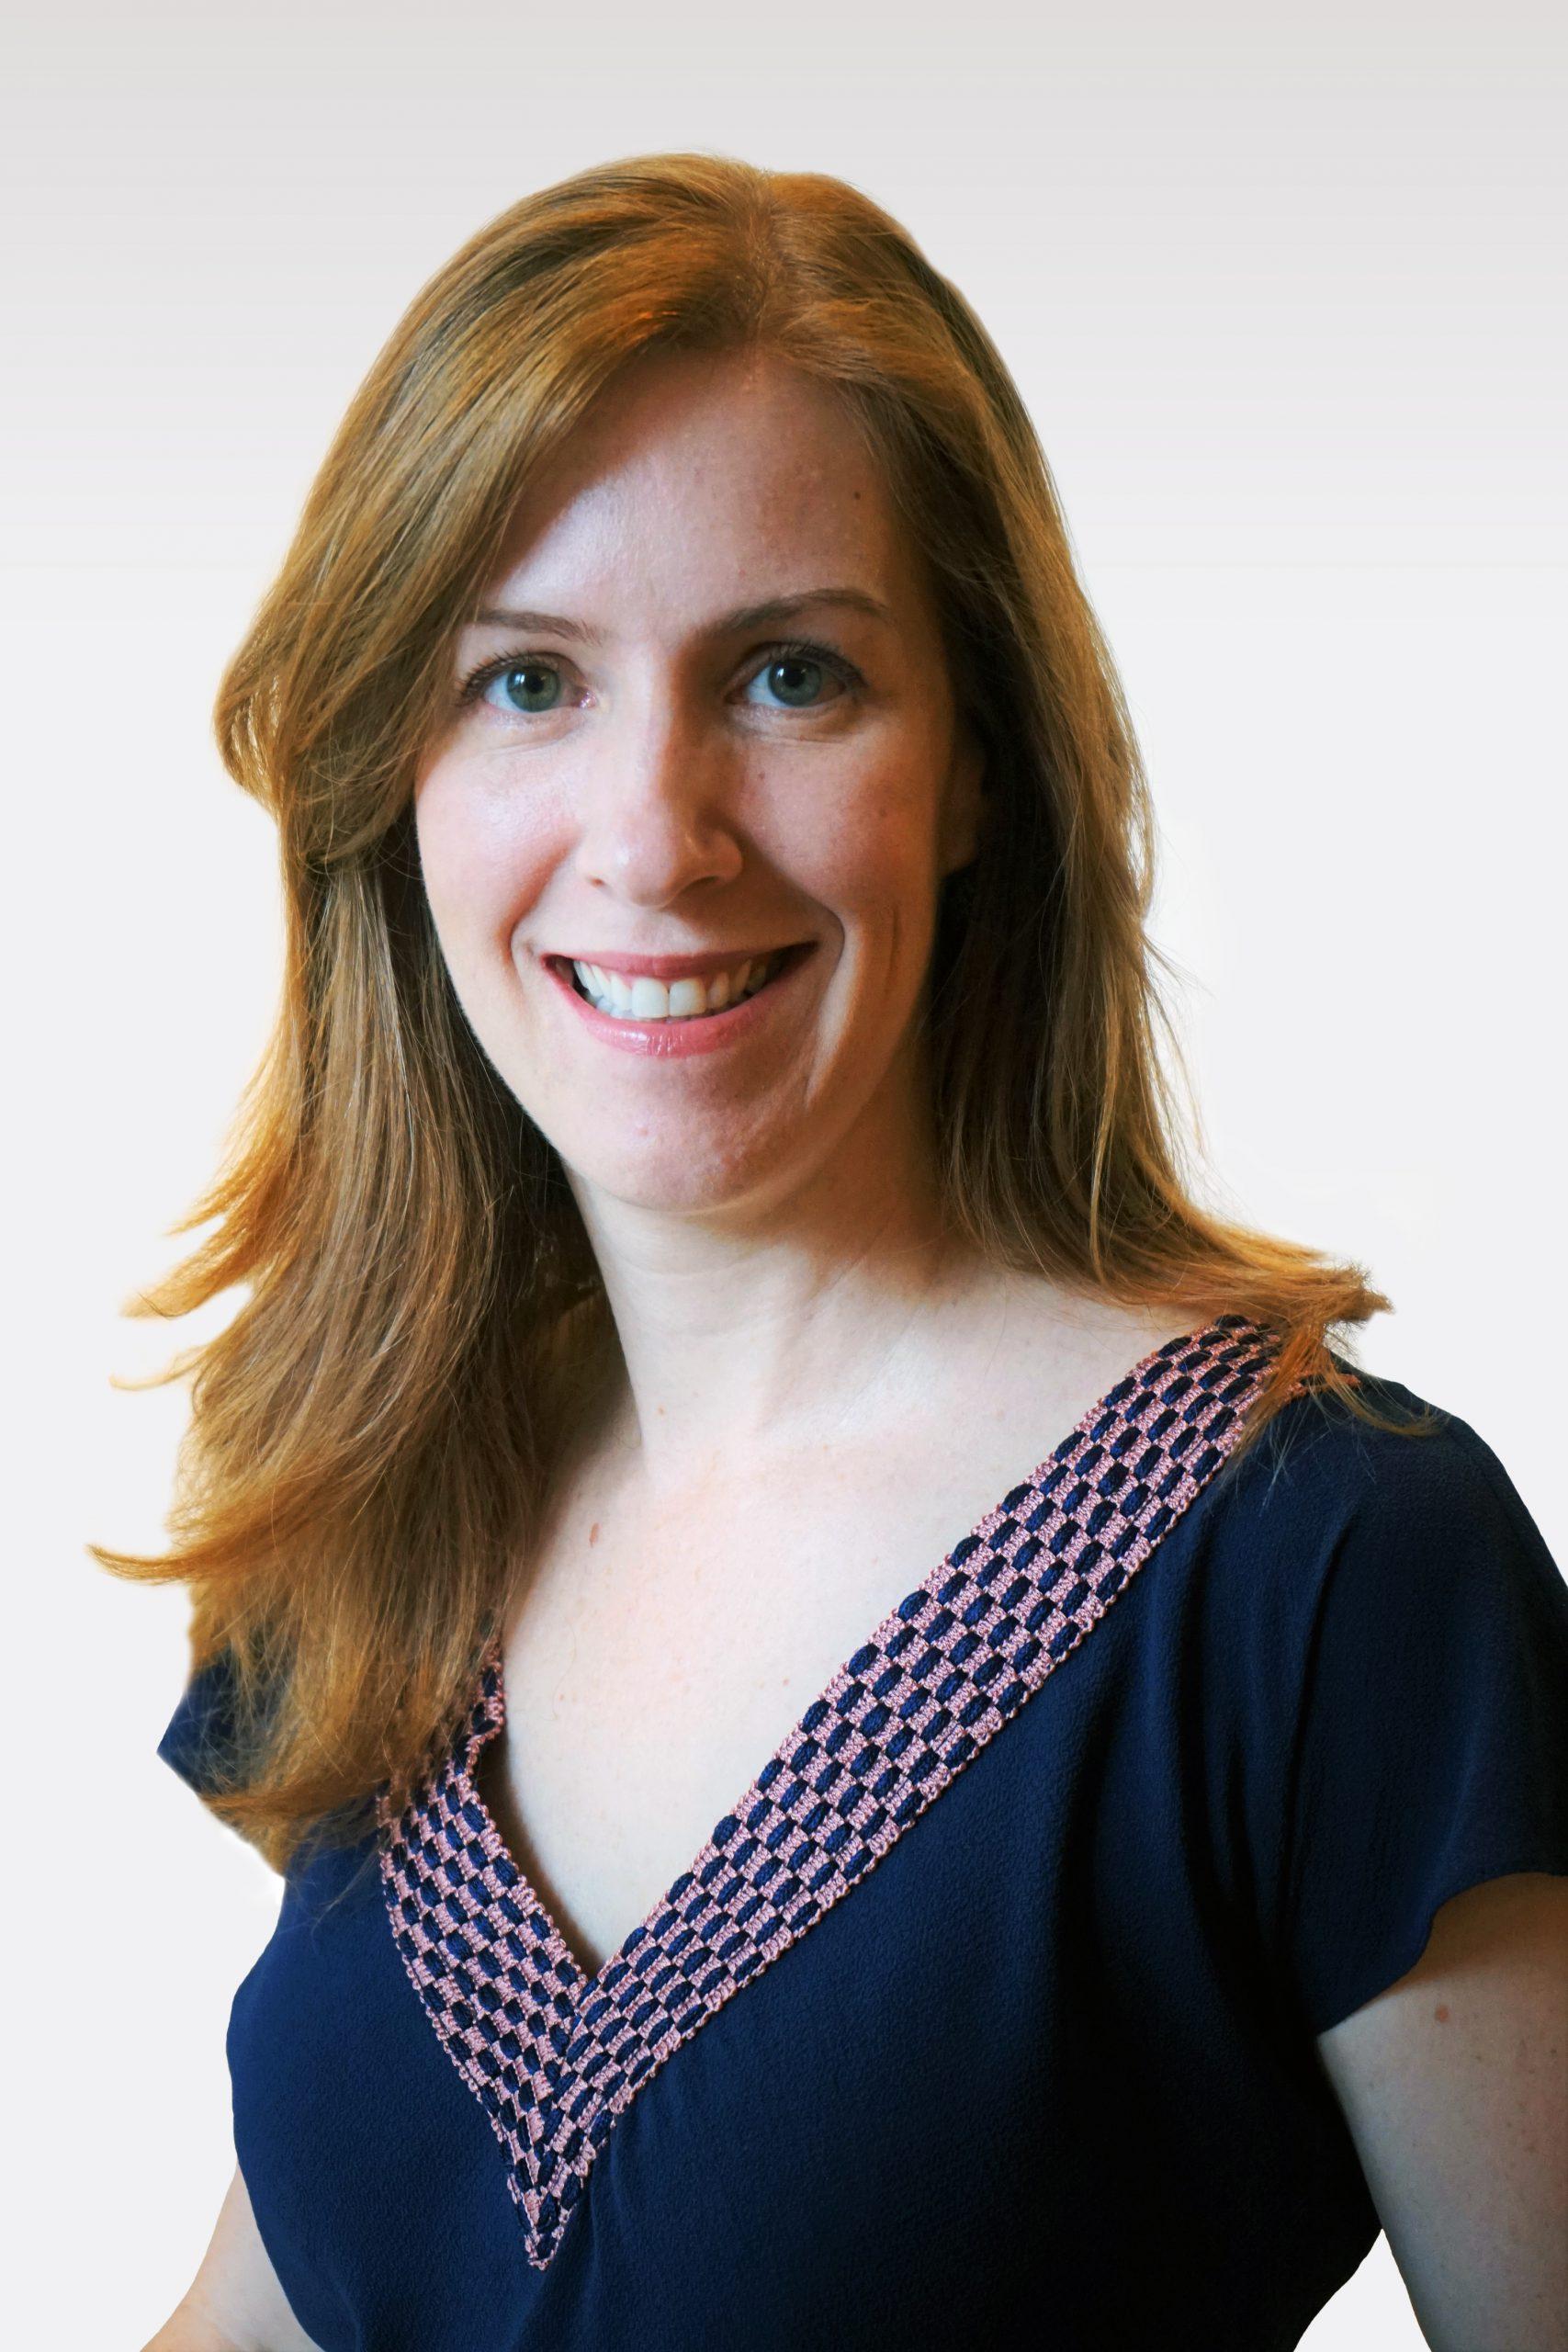 Erika Treptow